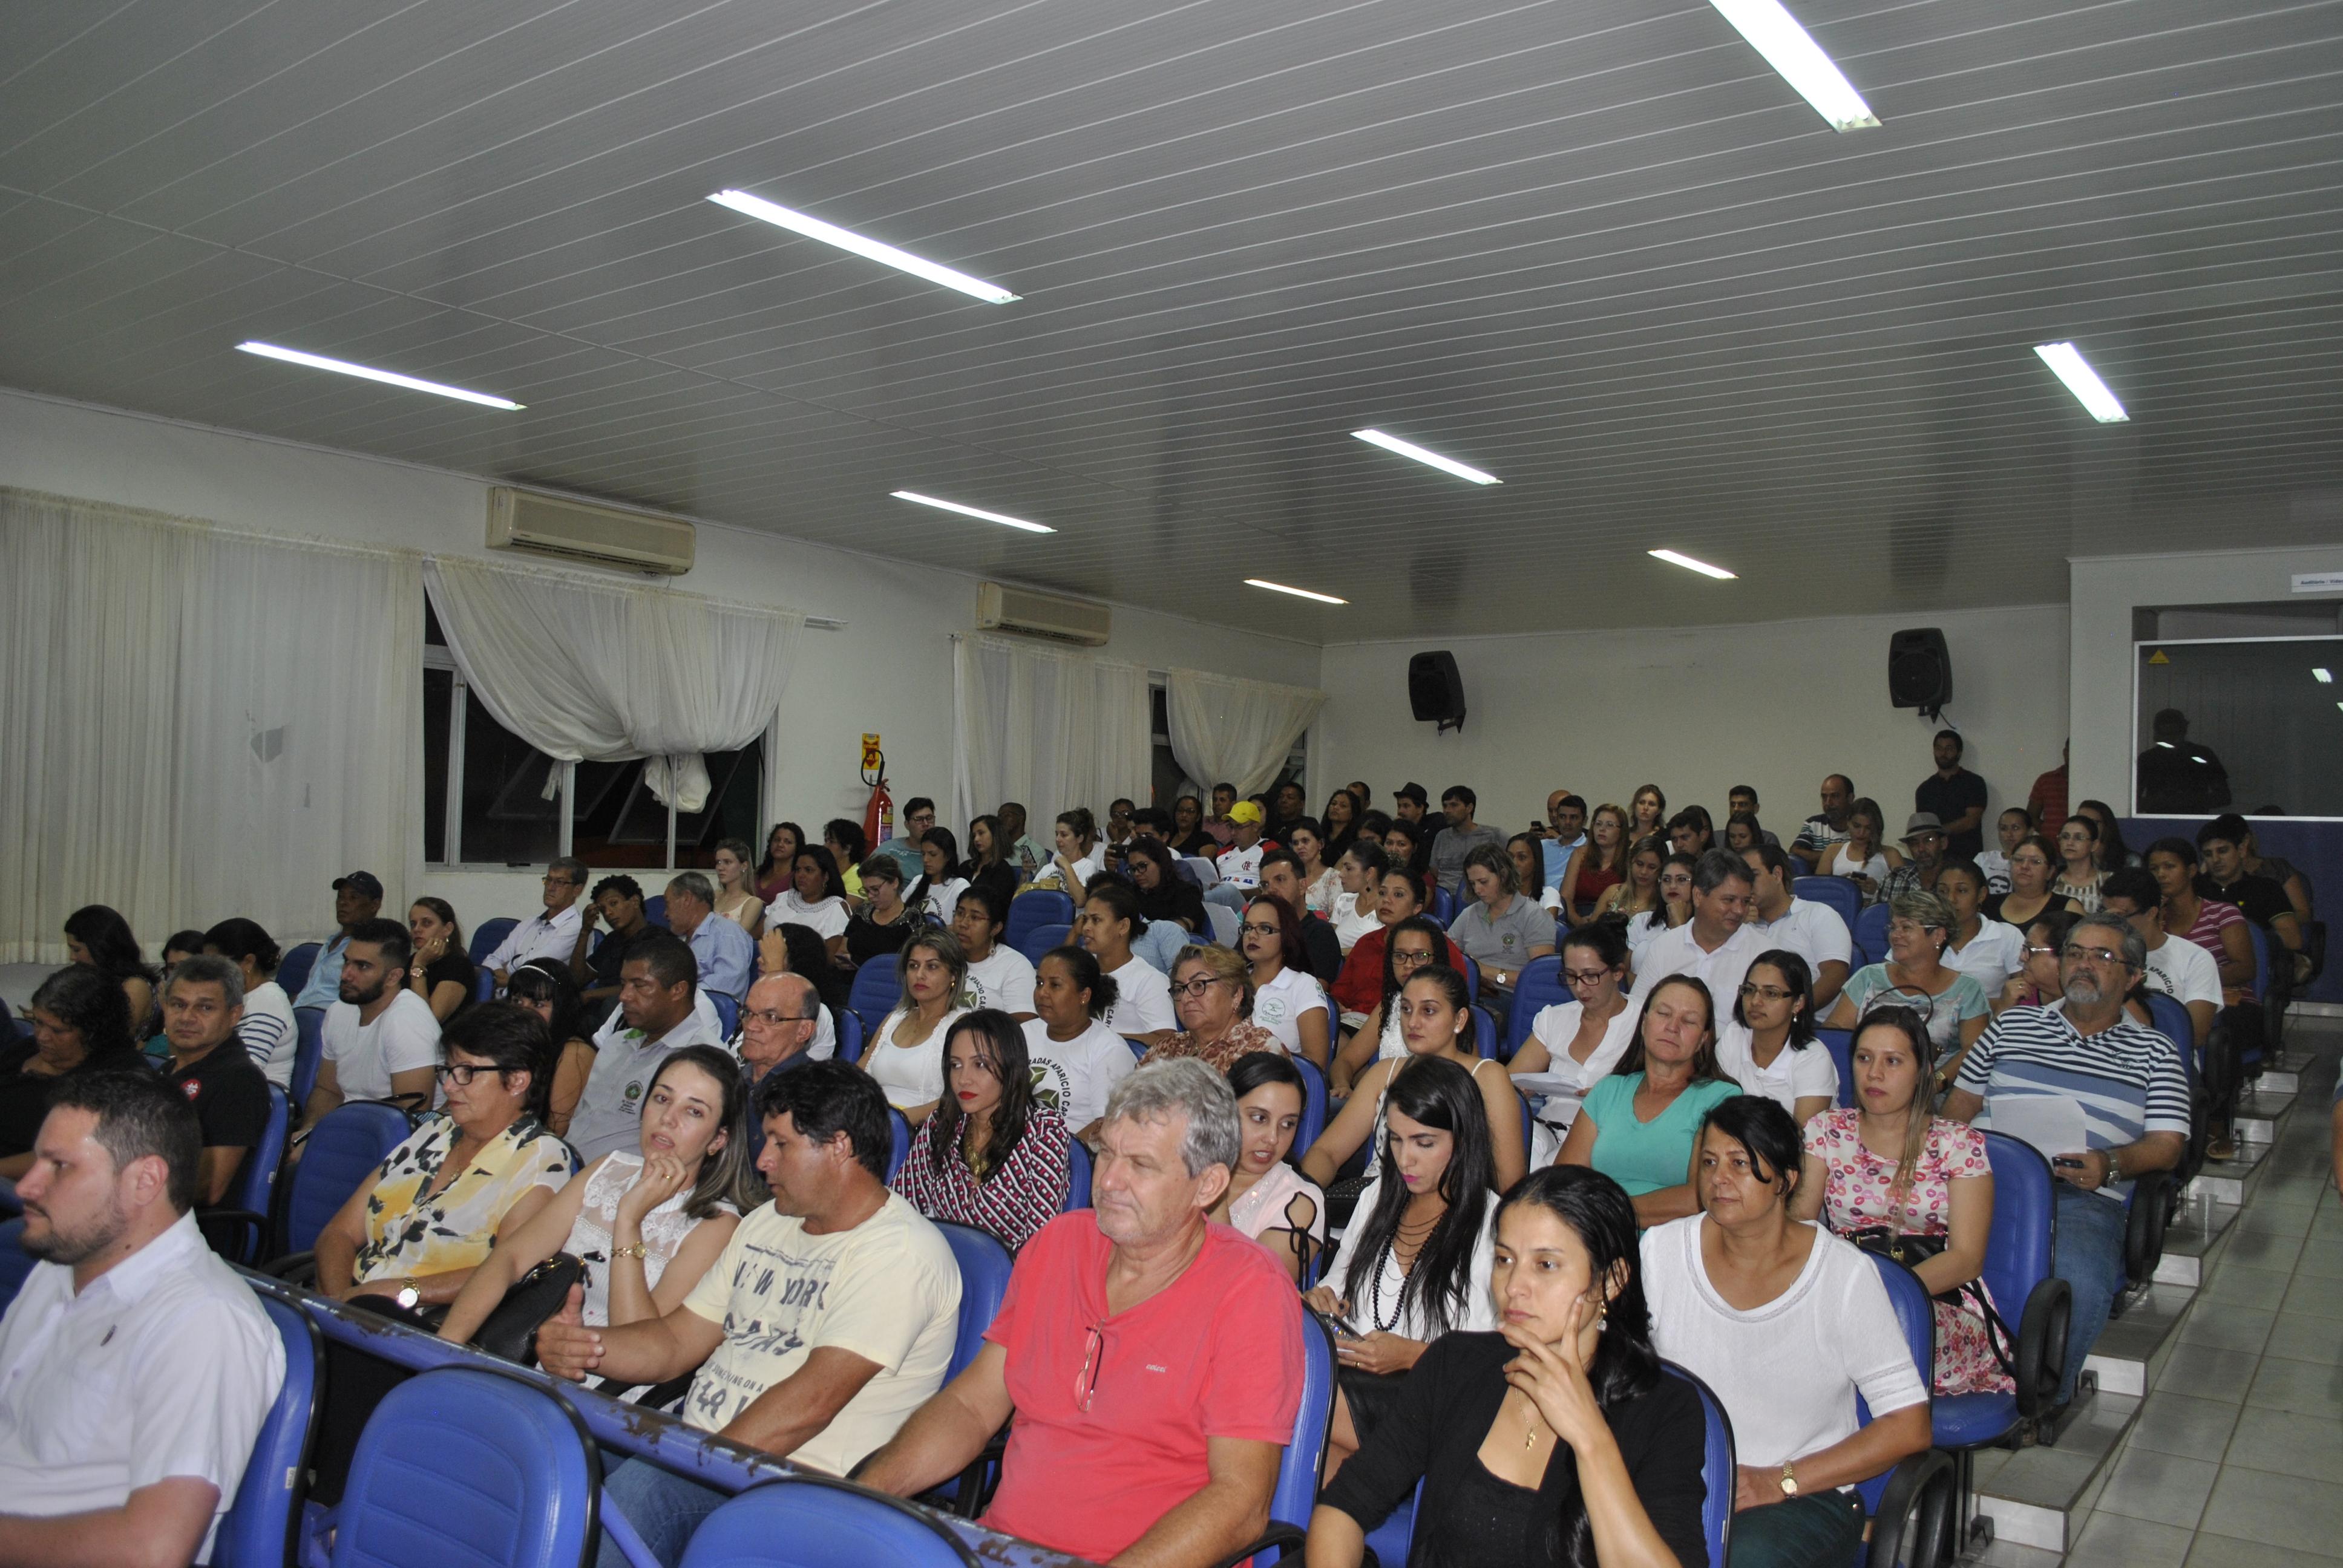 Sindsul promete agitar Sessão da Câmara nessa noite; indicação de vereador visa garantir visita do Sindicato às escolas municipais